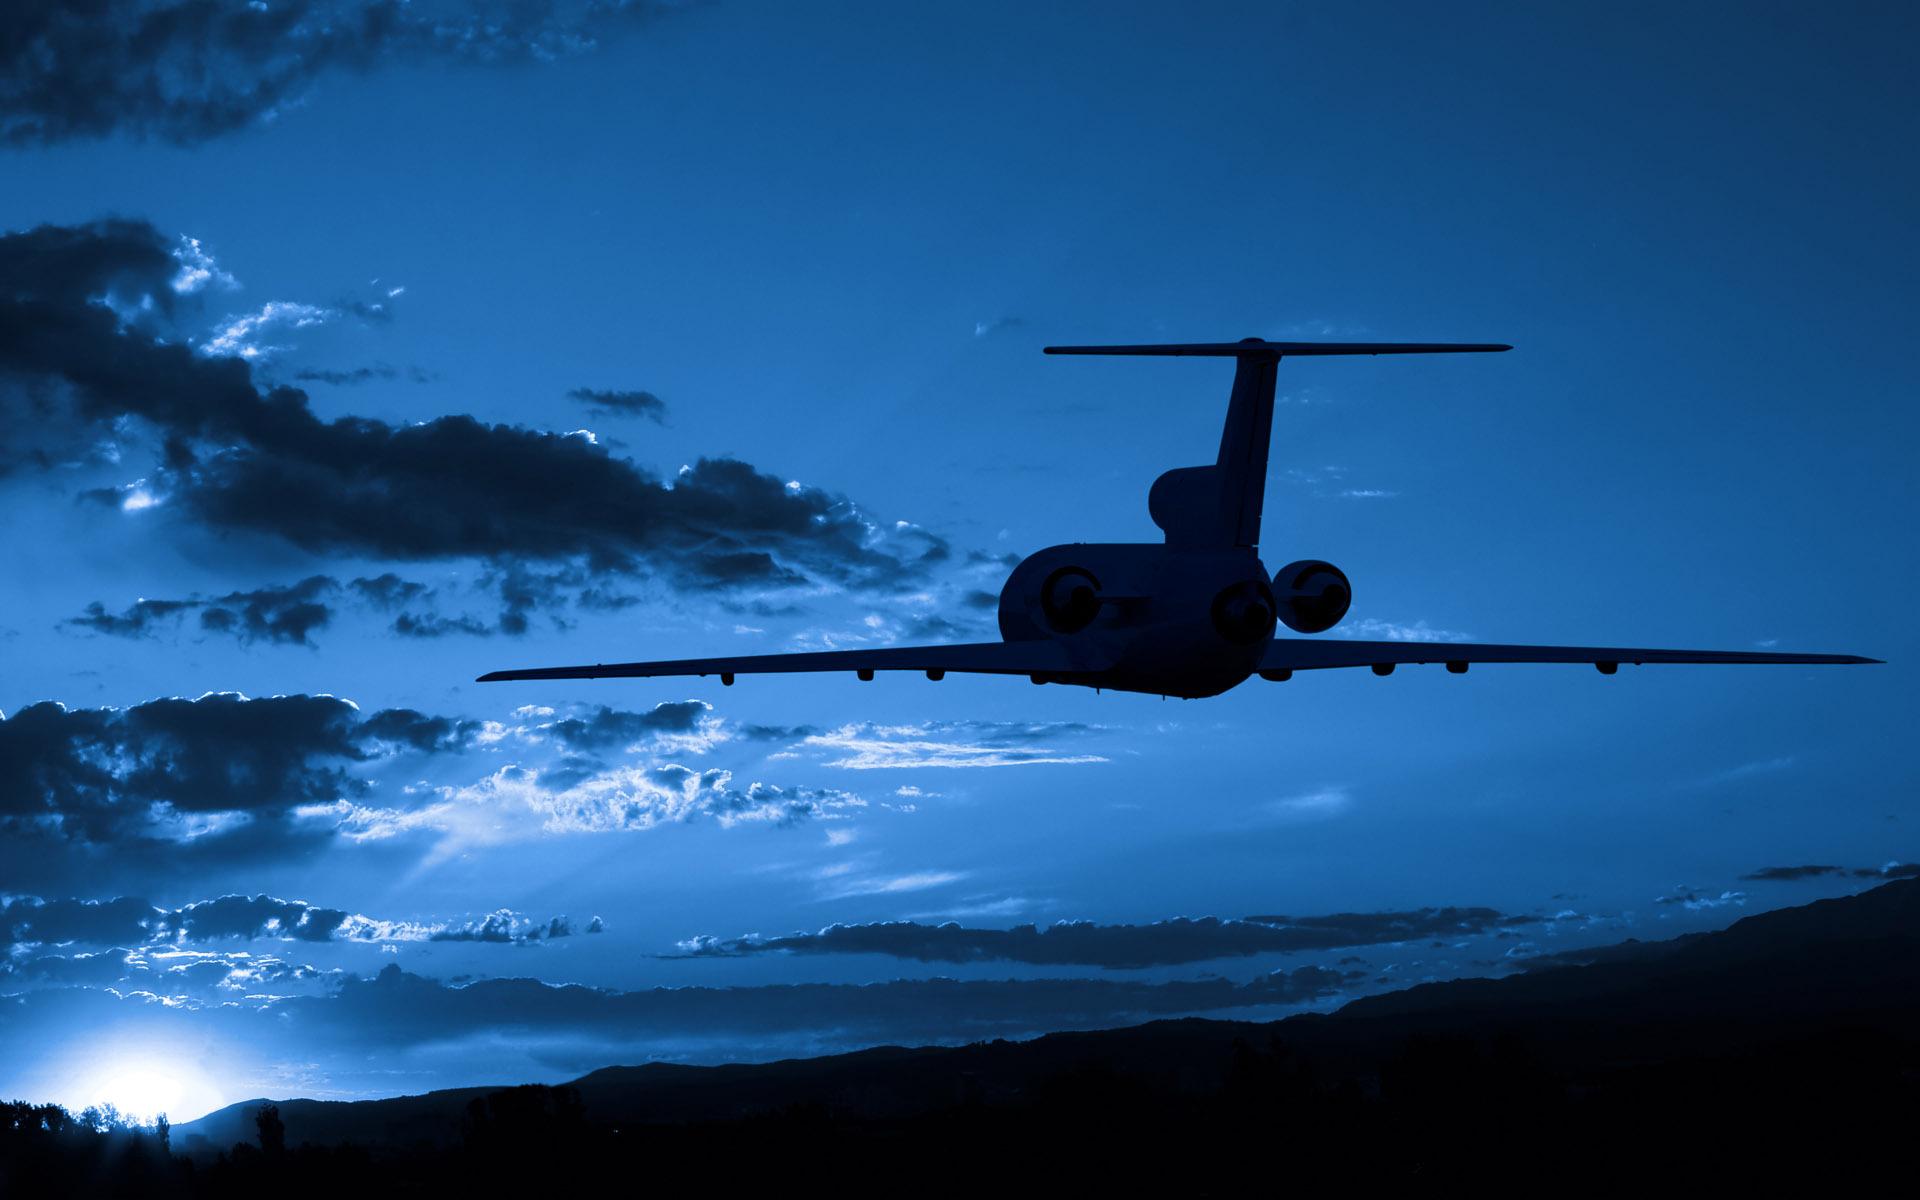 Самолет, ночь, летит